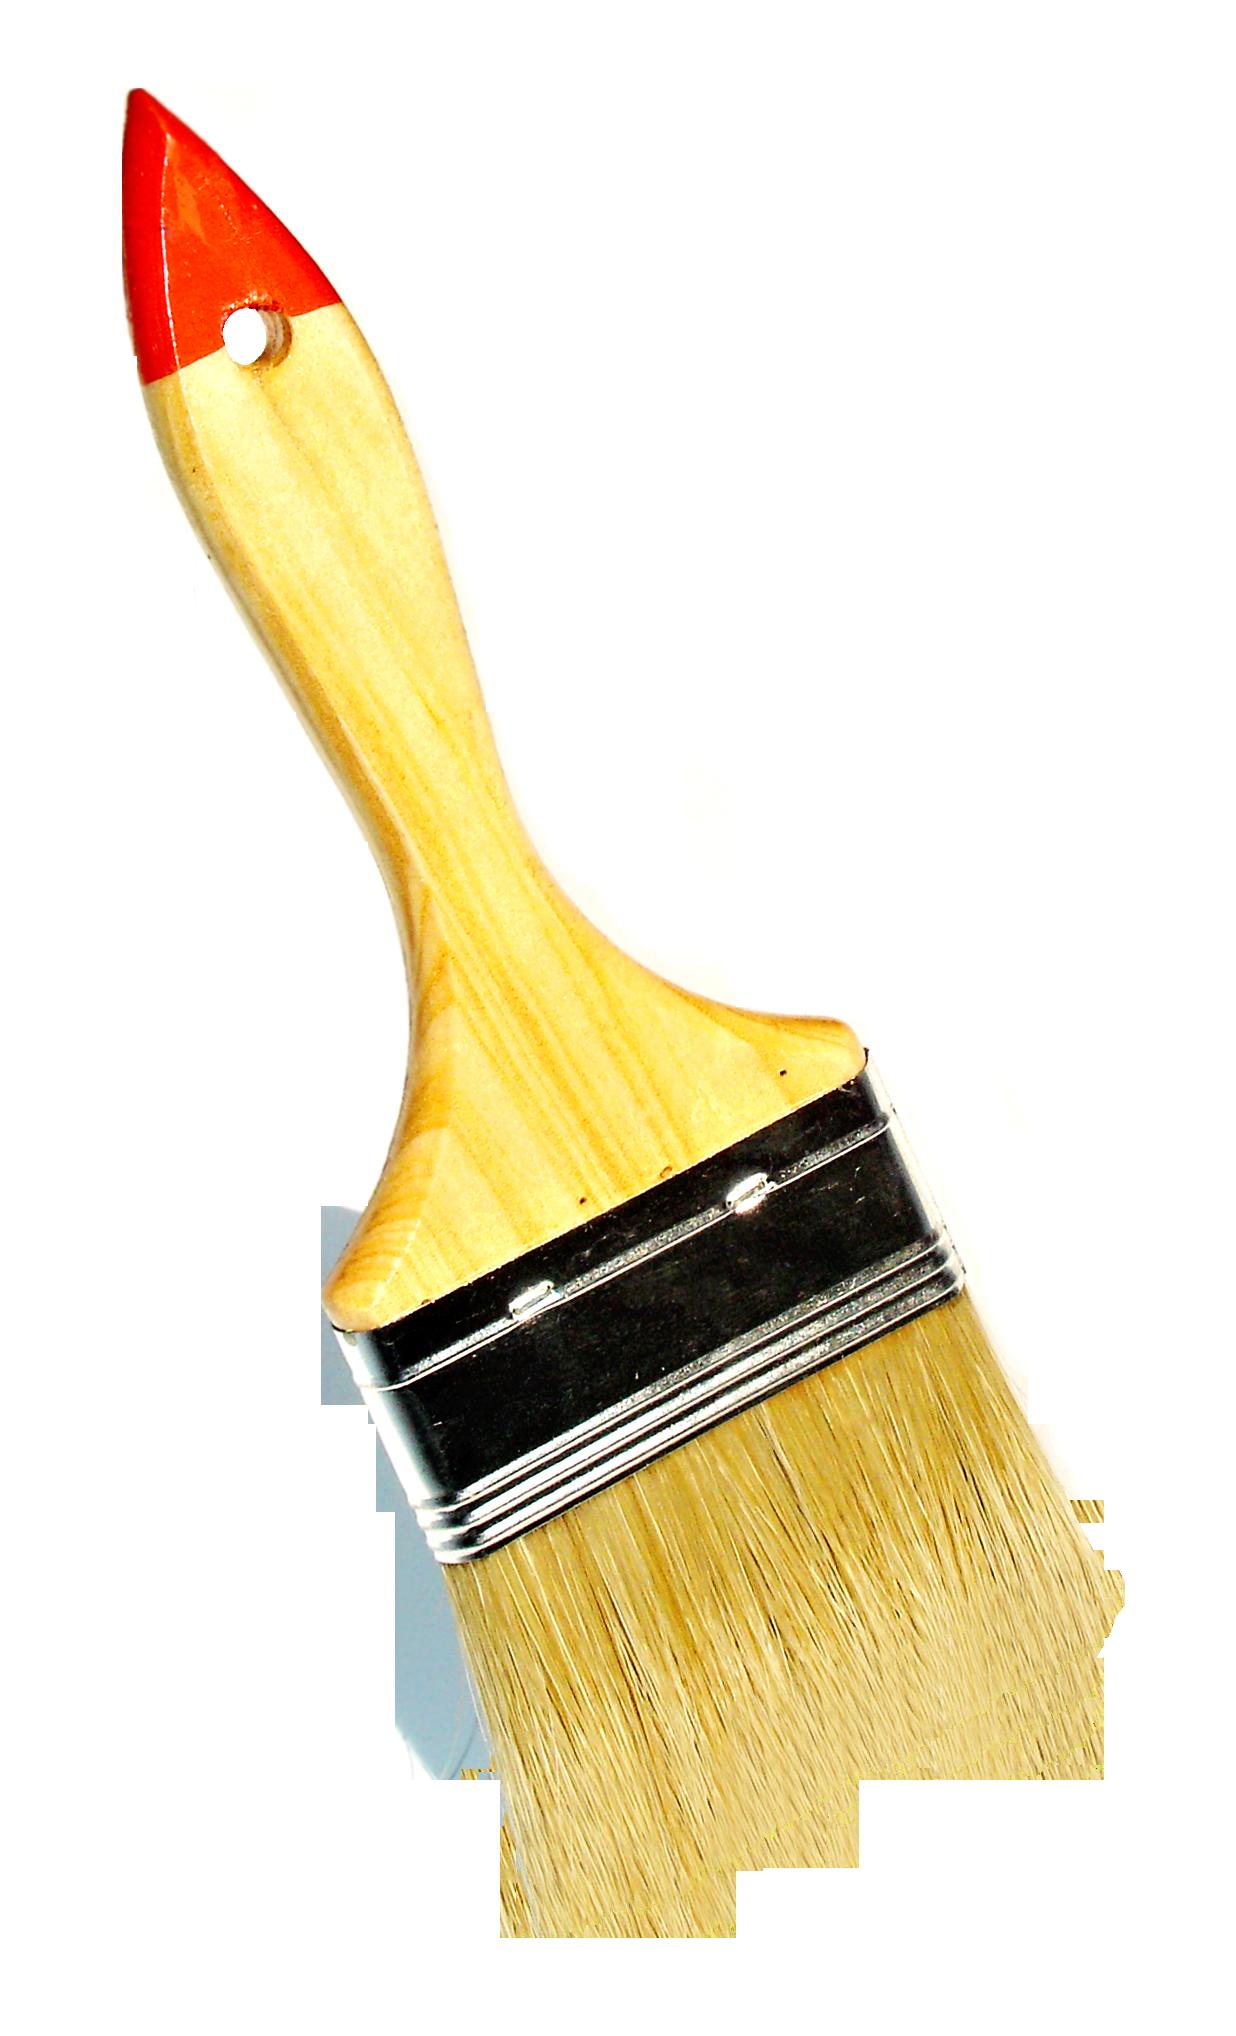 Paintbrush clipart paint bottle. Brush png transparent image